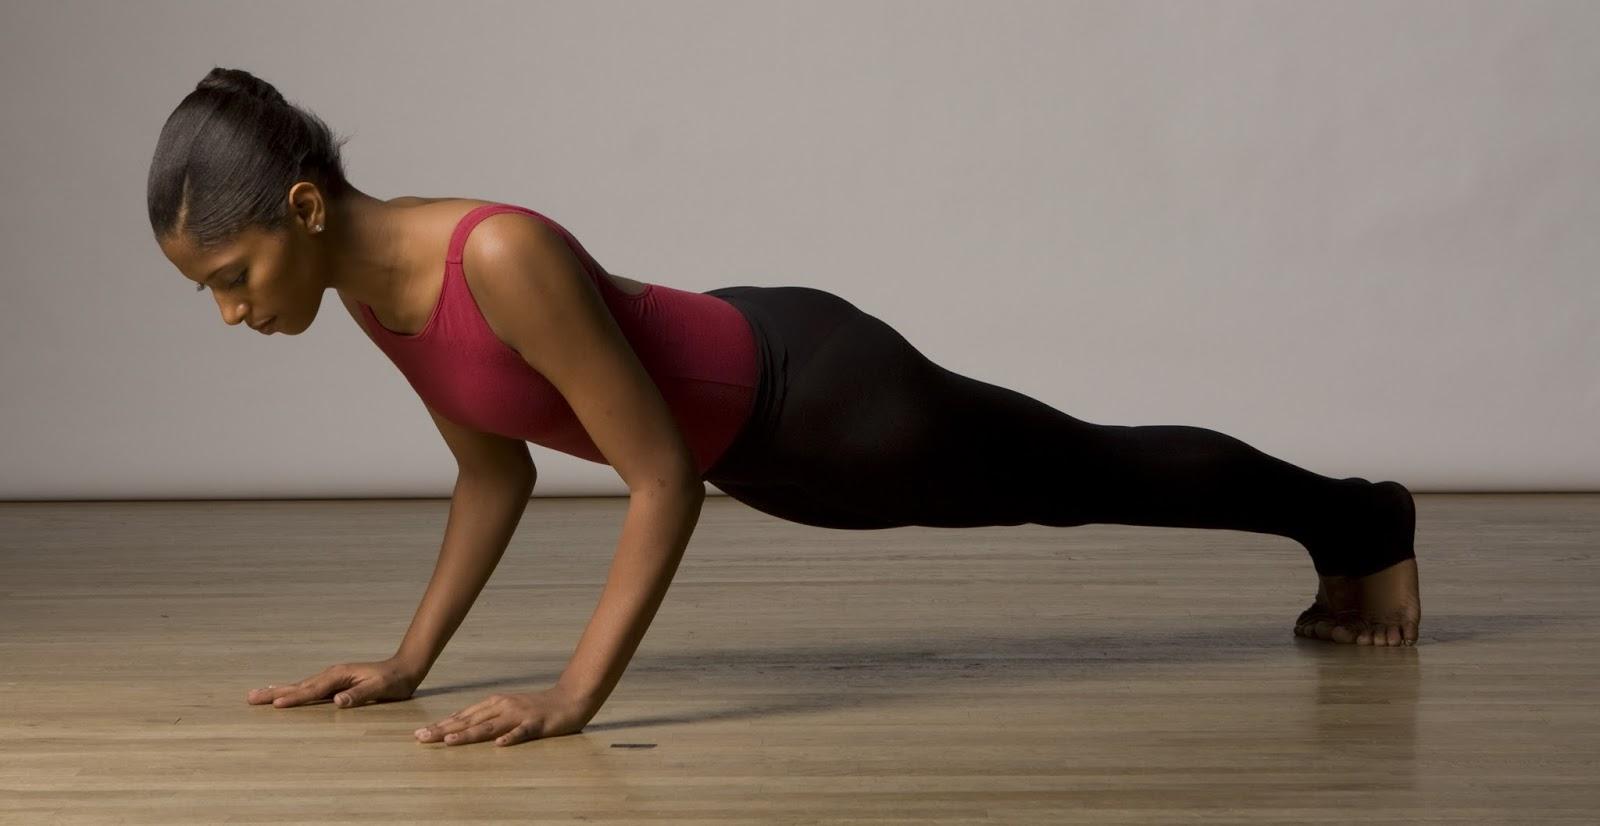 http://1.bp.blogspot.com/-OdG29iEr9fI/UfvXCGLNHcI/AAAAAAAAWHI/j__wBdVJ-gQ/s1600/Black+Woman+doing+Push+Ups.jpg